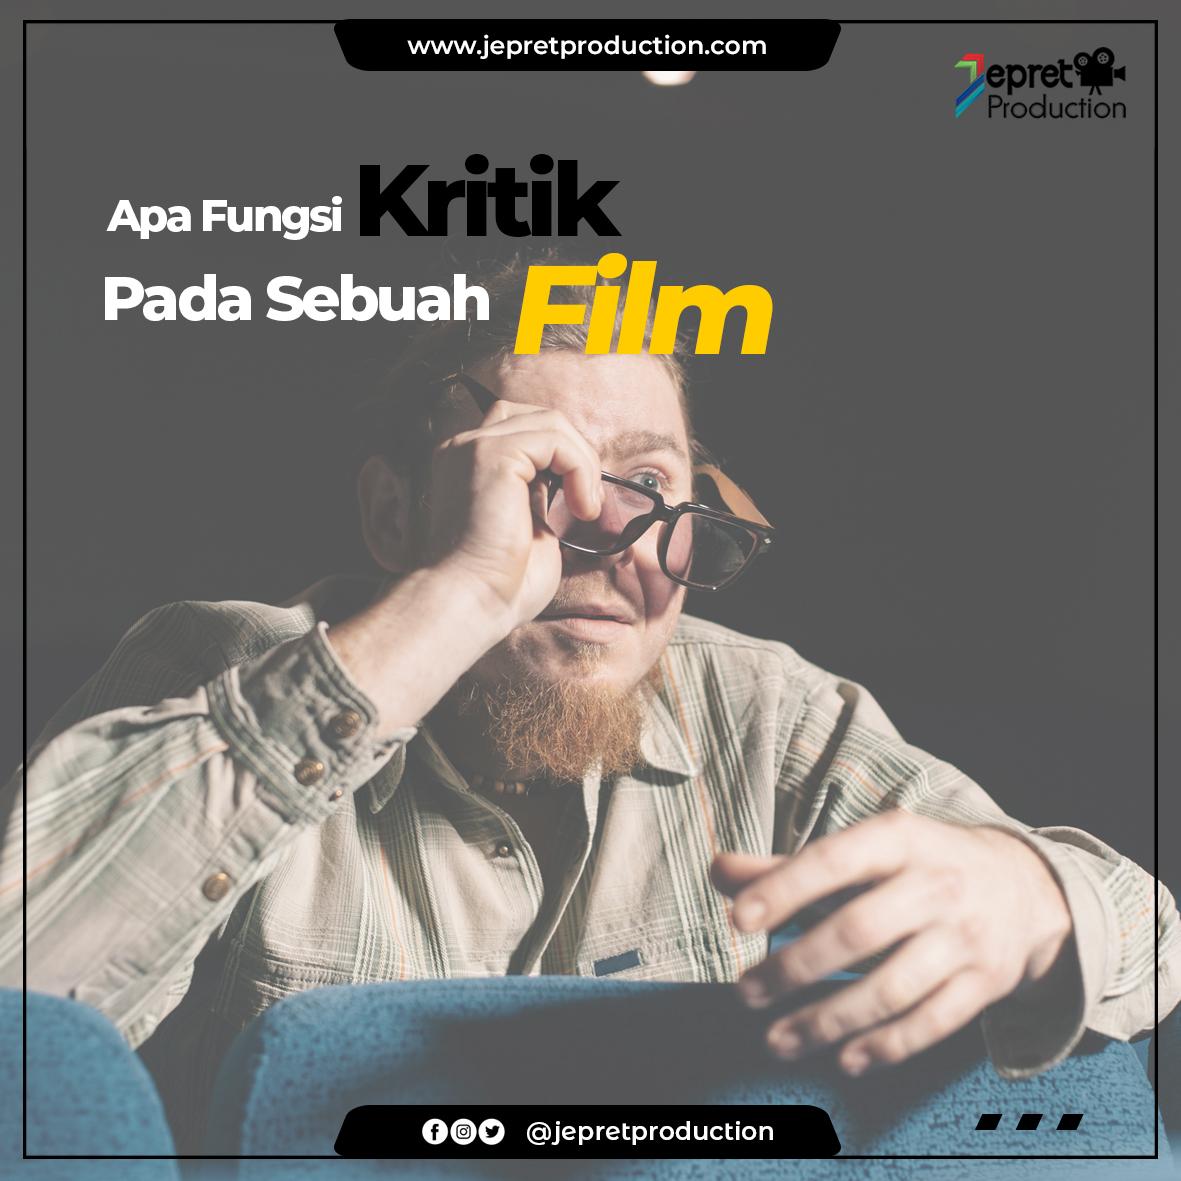 FUNGSI KRITIK FILM